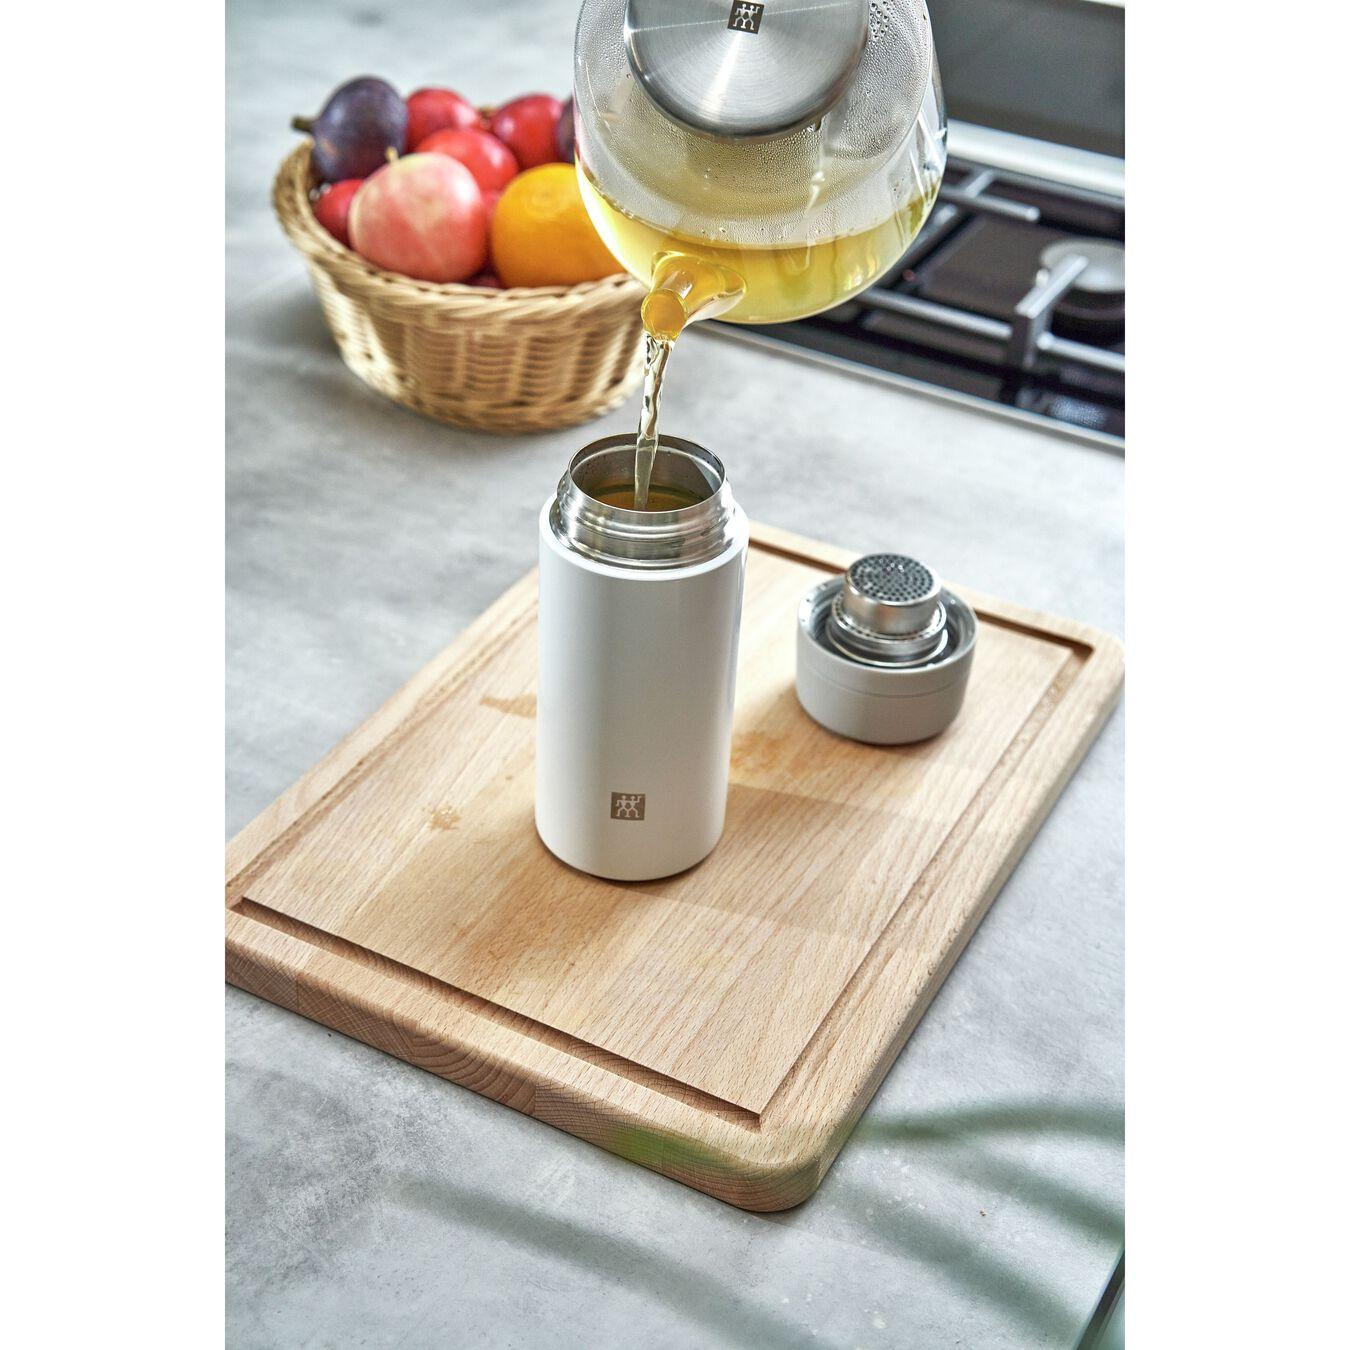 Thermos - 420 ml, acciaio inox, bianco,,large 9